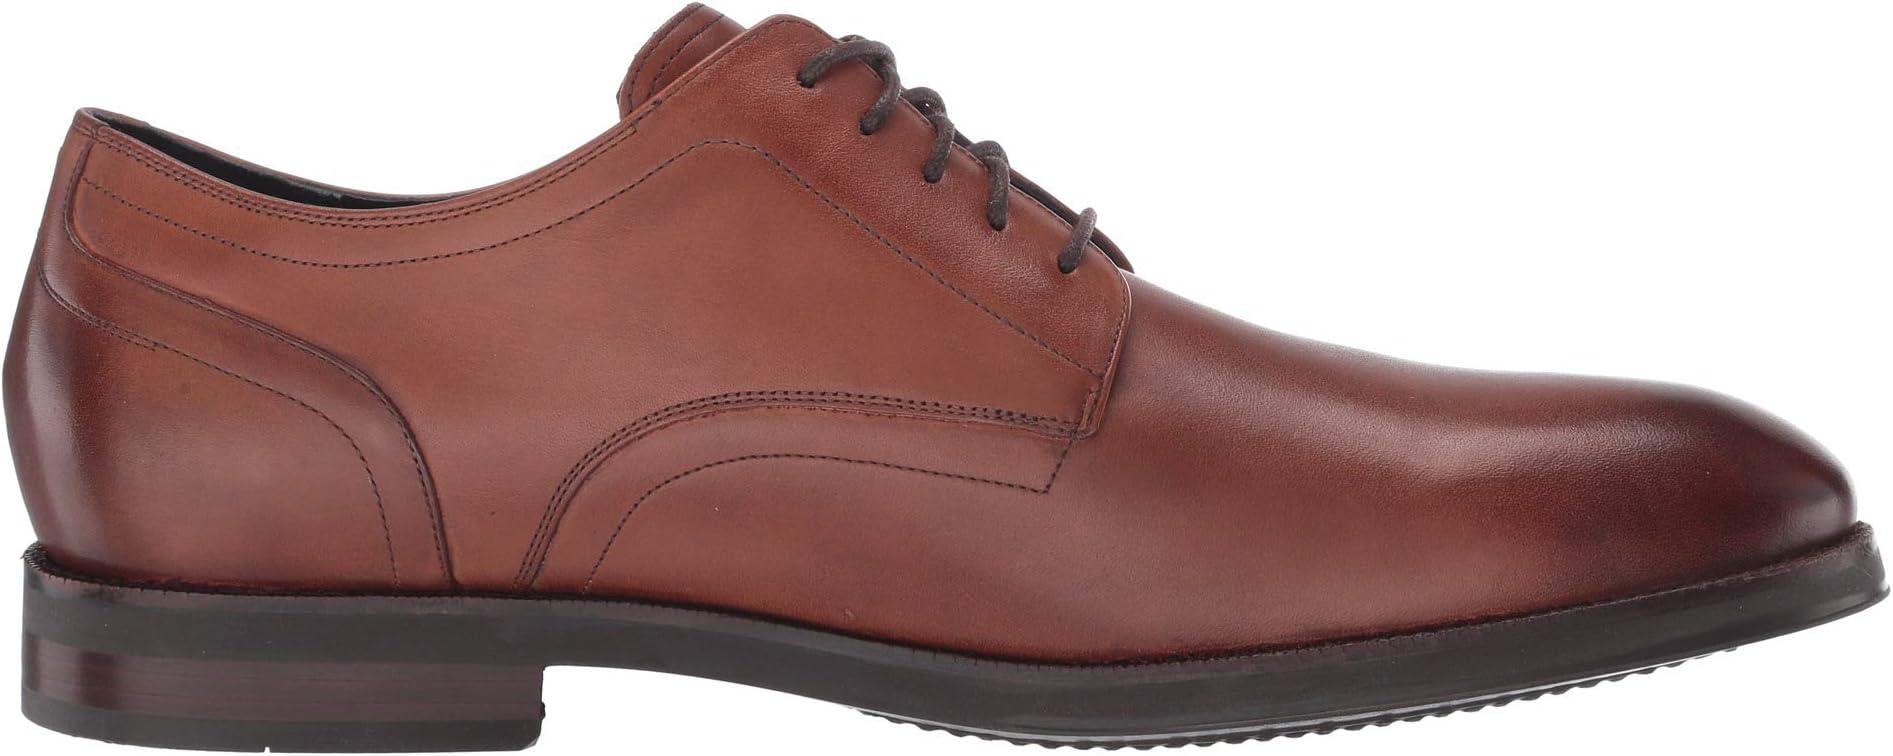 Cole Haan Lewis Grand 2.0 Plain Toe Oxford | Men's shoes | 2020 Newest